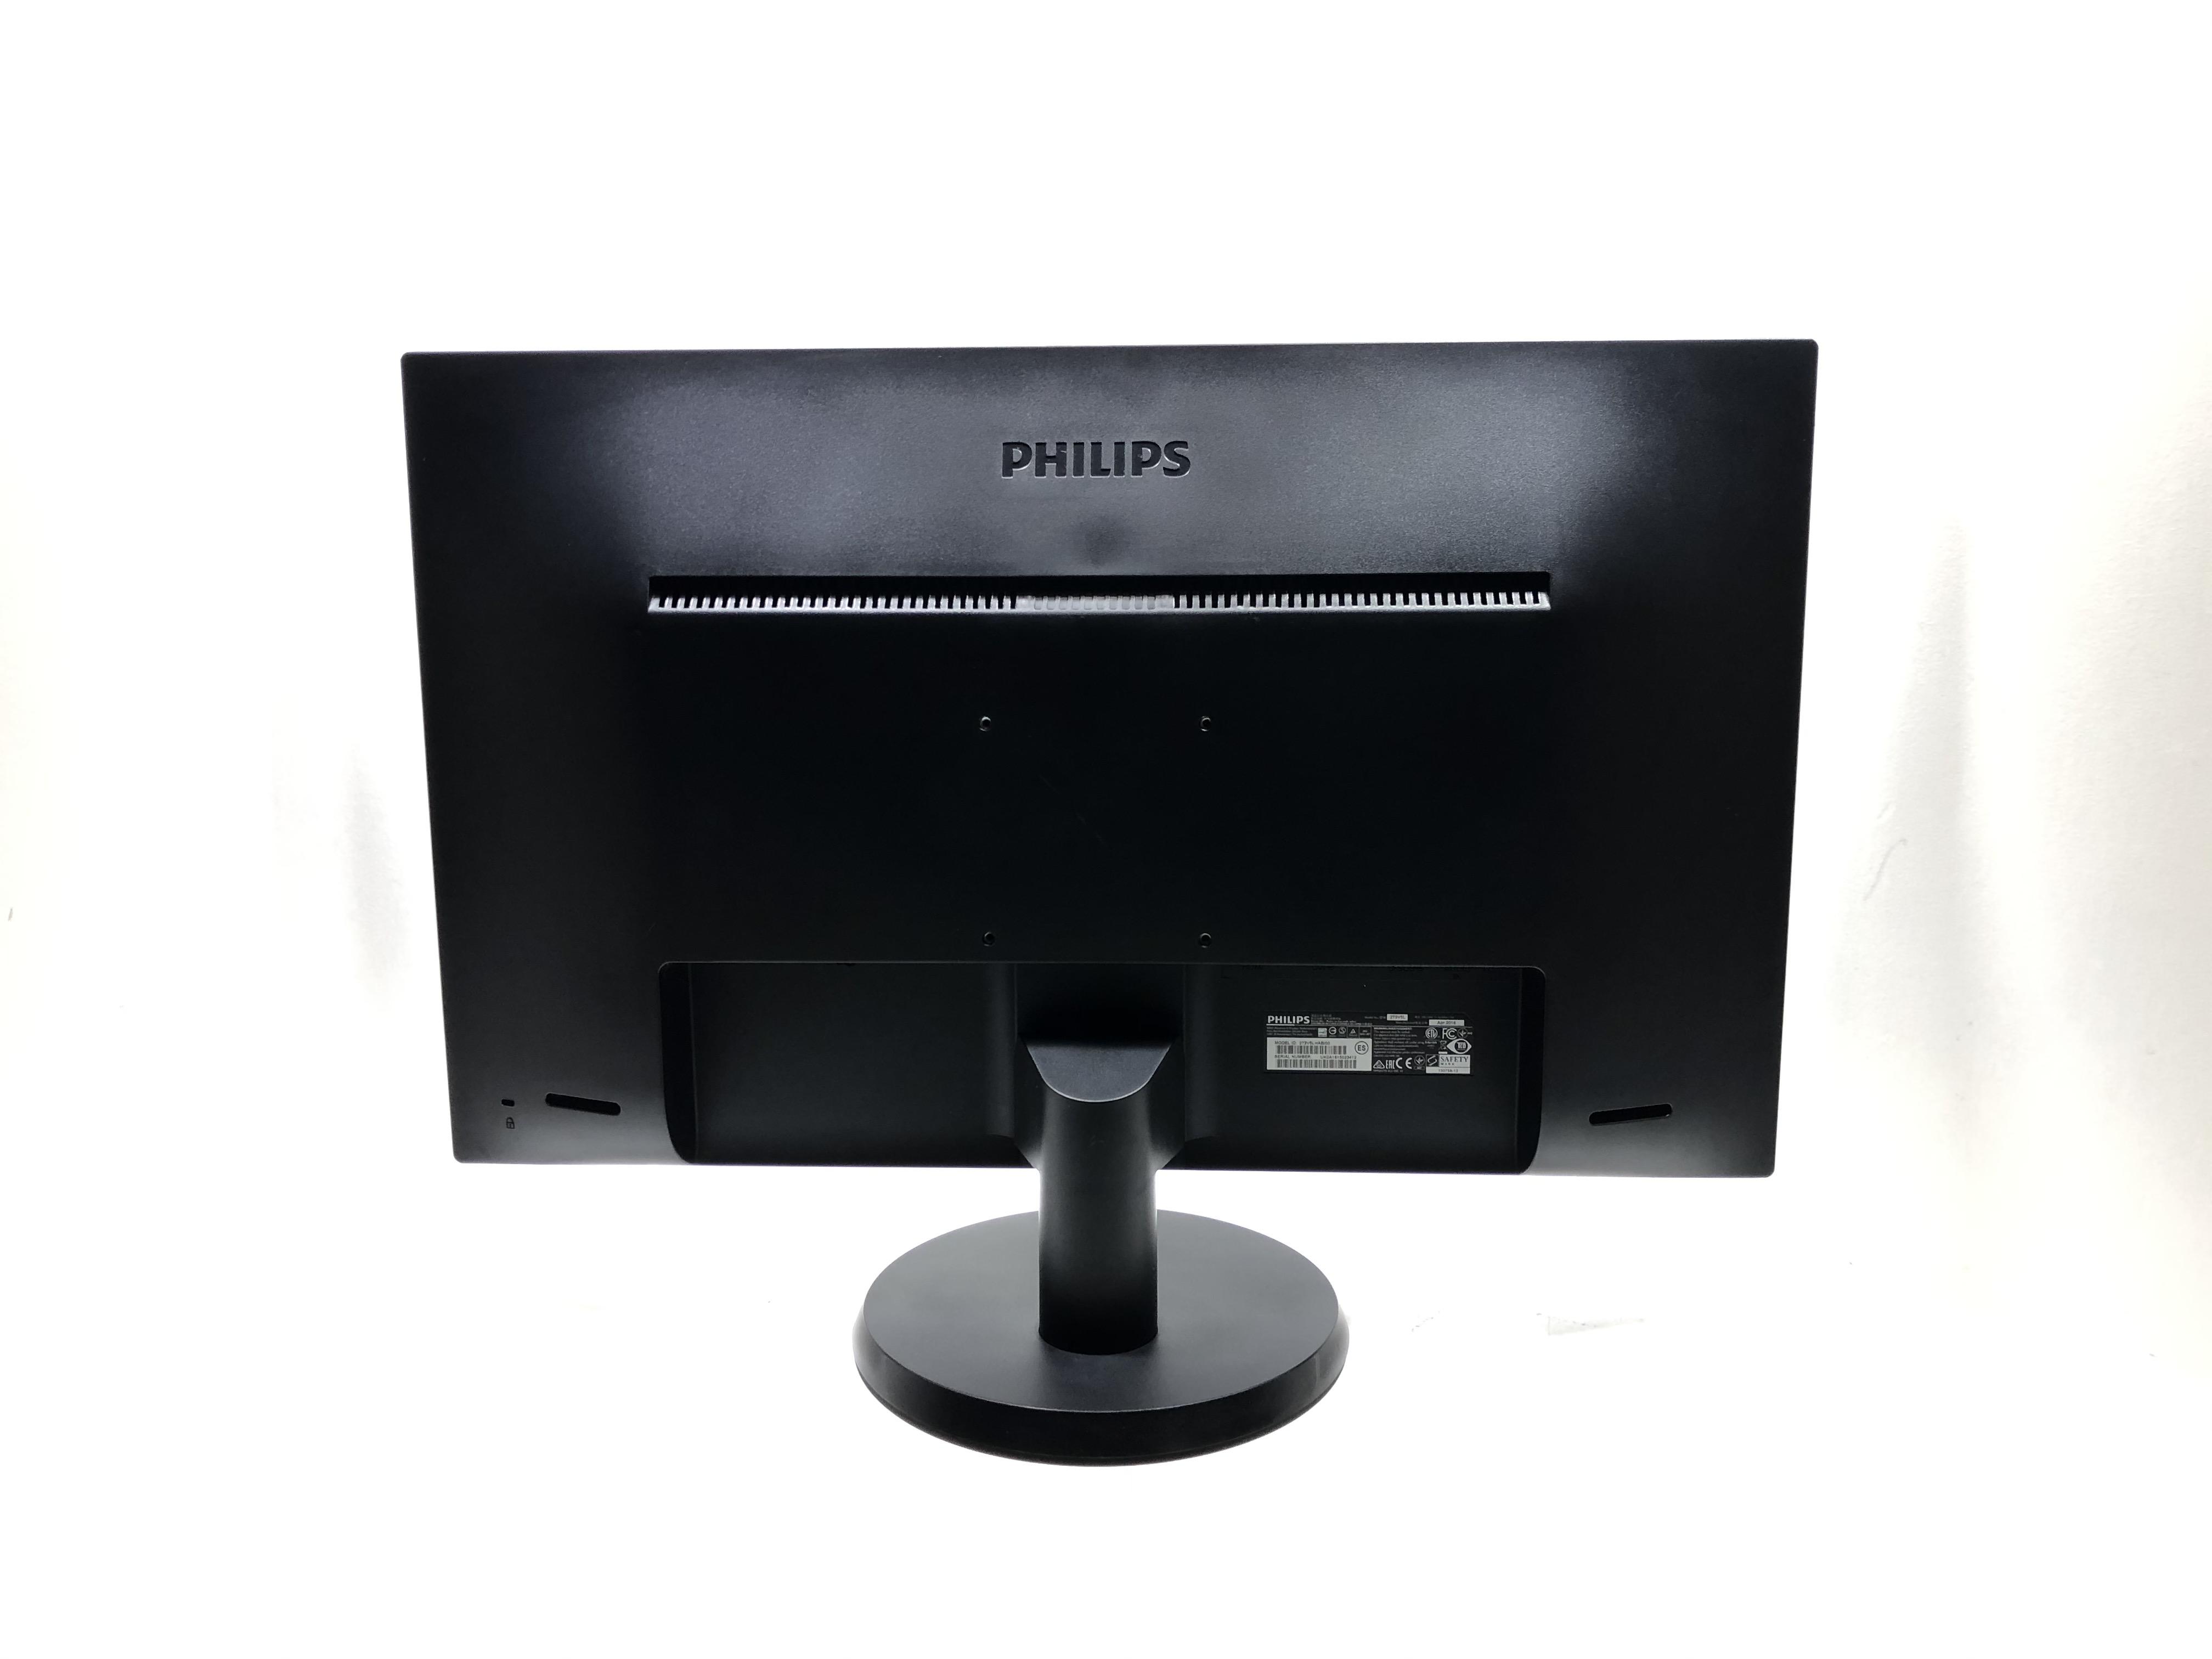 Philips 273v No 6